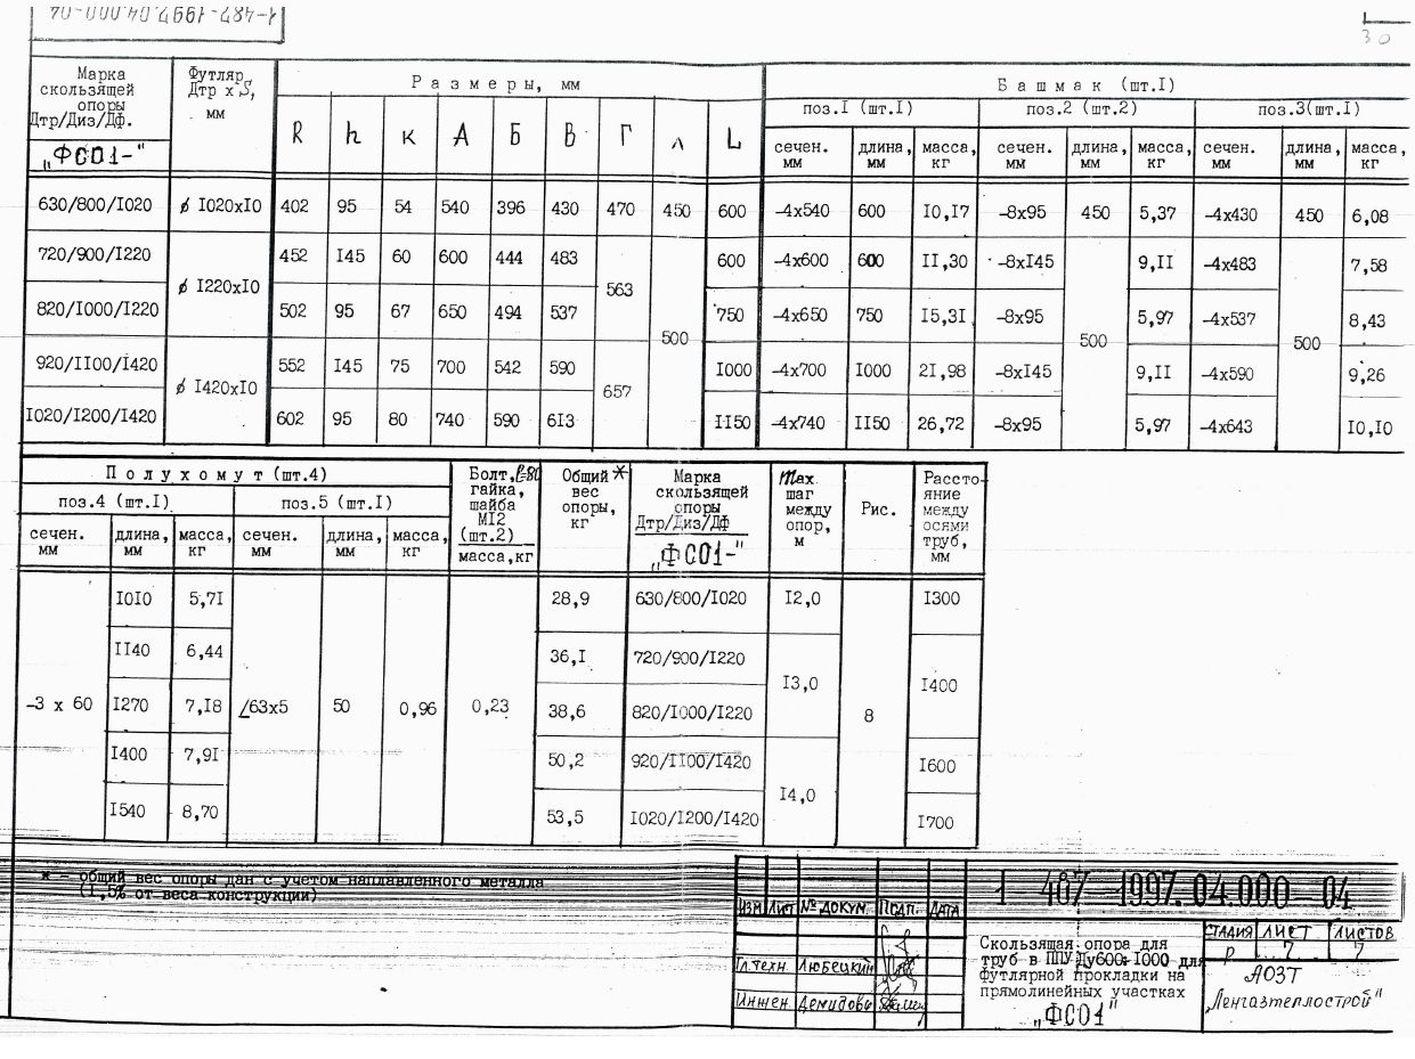 Опора ФСО1 ТД 1-487-1997.04.000 стр.7